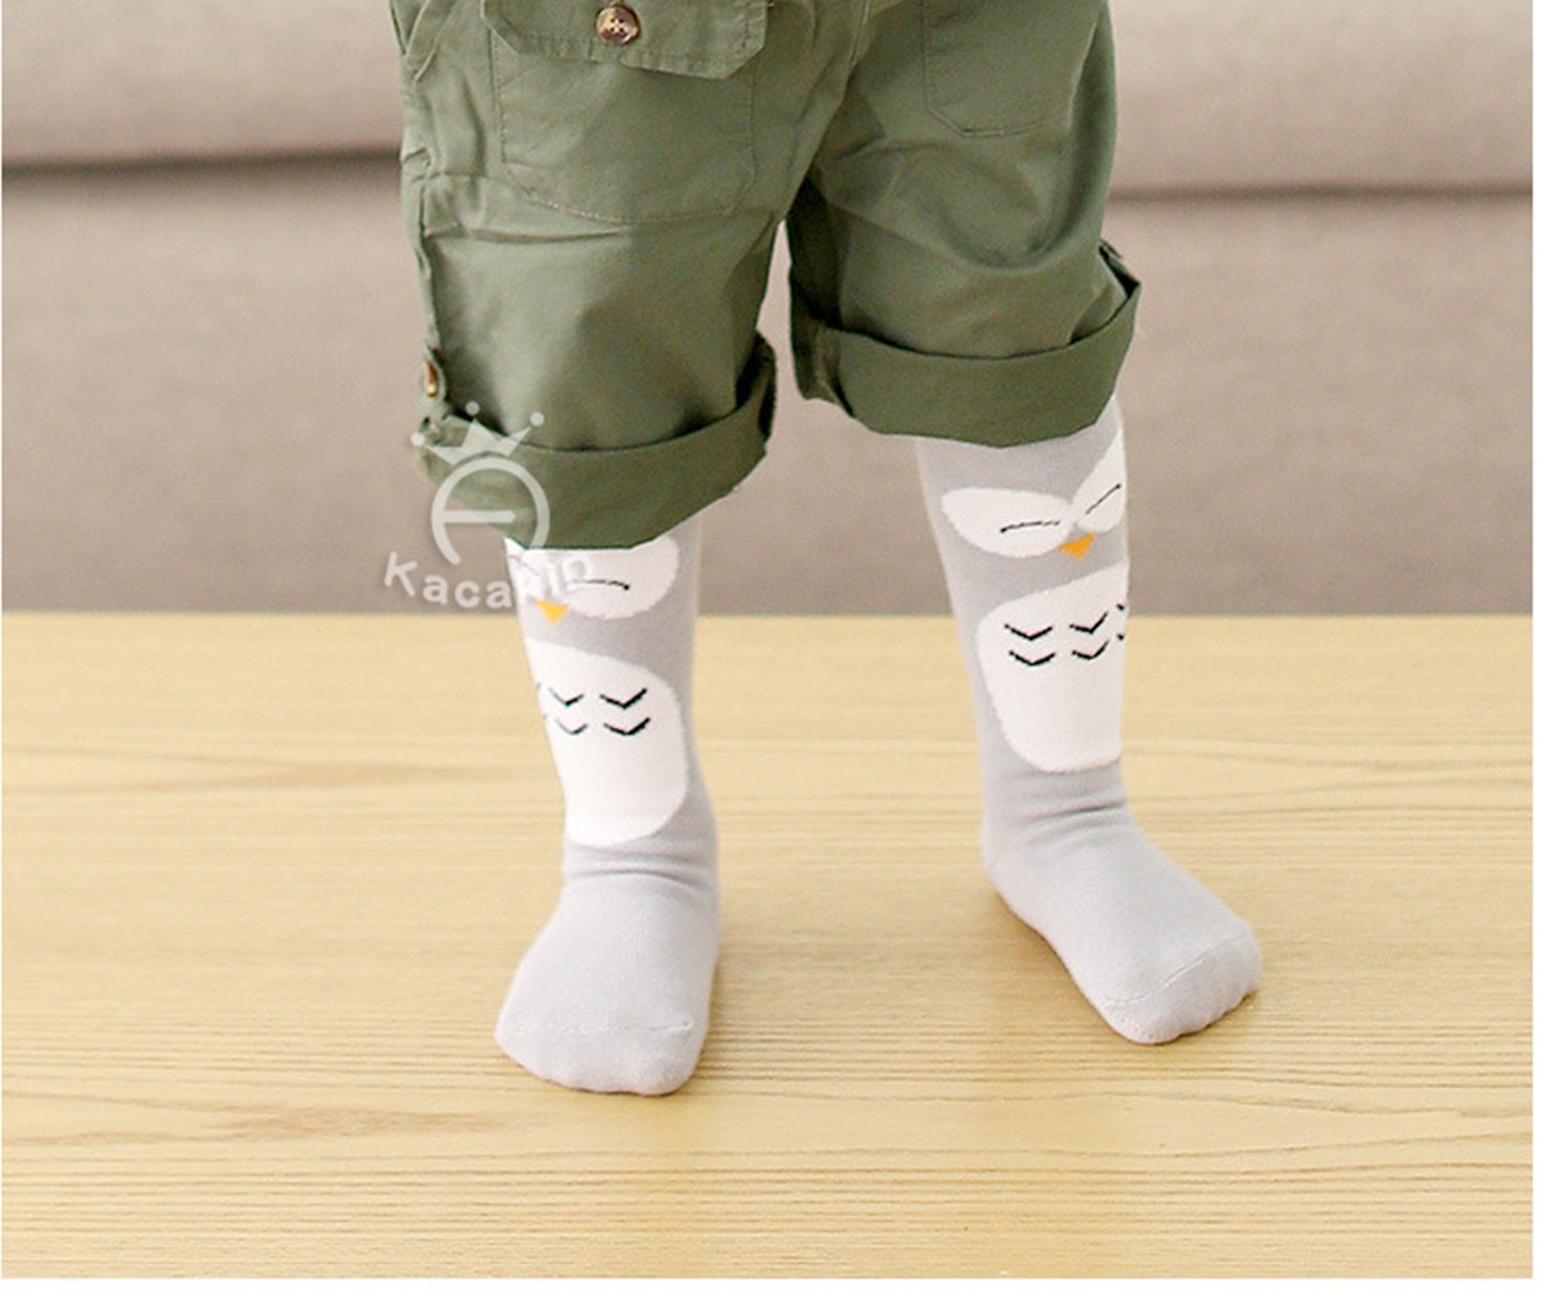 ถุงเท้าเด็กกันลื่น ไซส์ 10-12,12-14 ซม. MSH63